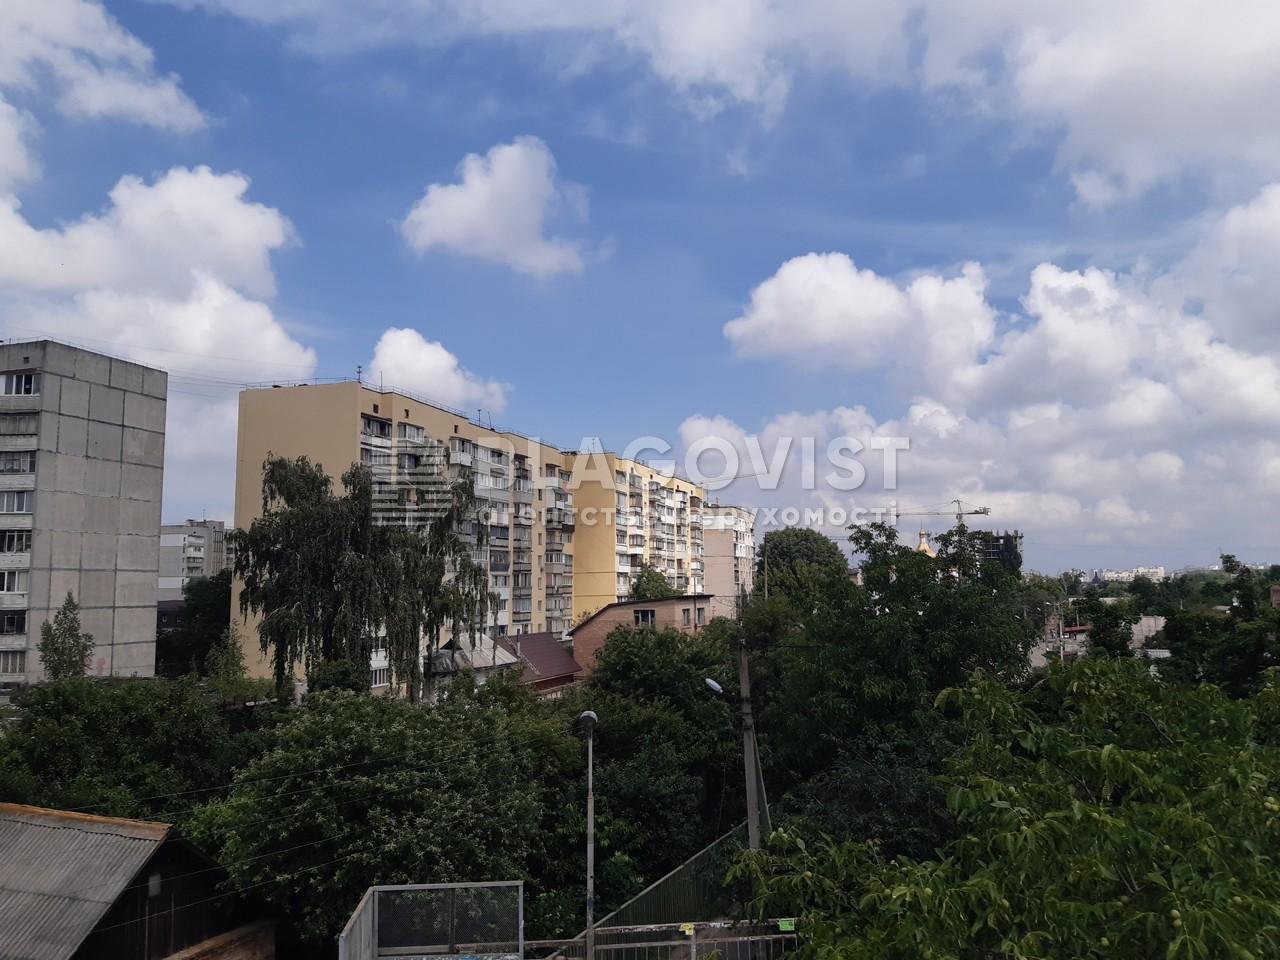 Квартира A-112385, Почтовый пер., 15, Вишневое (Киево-Святошинский) - Фото 20